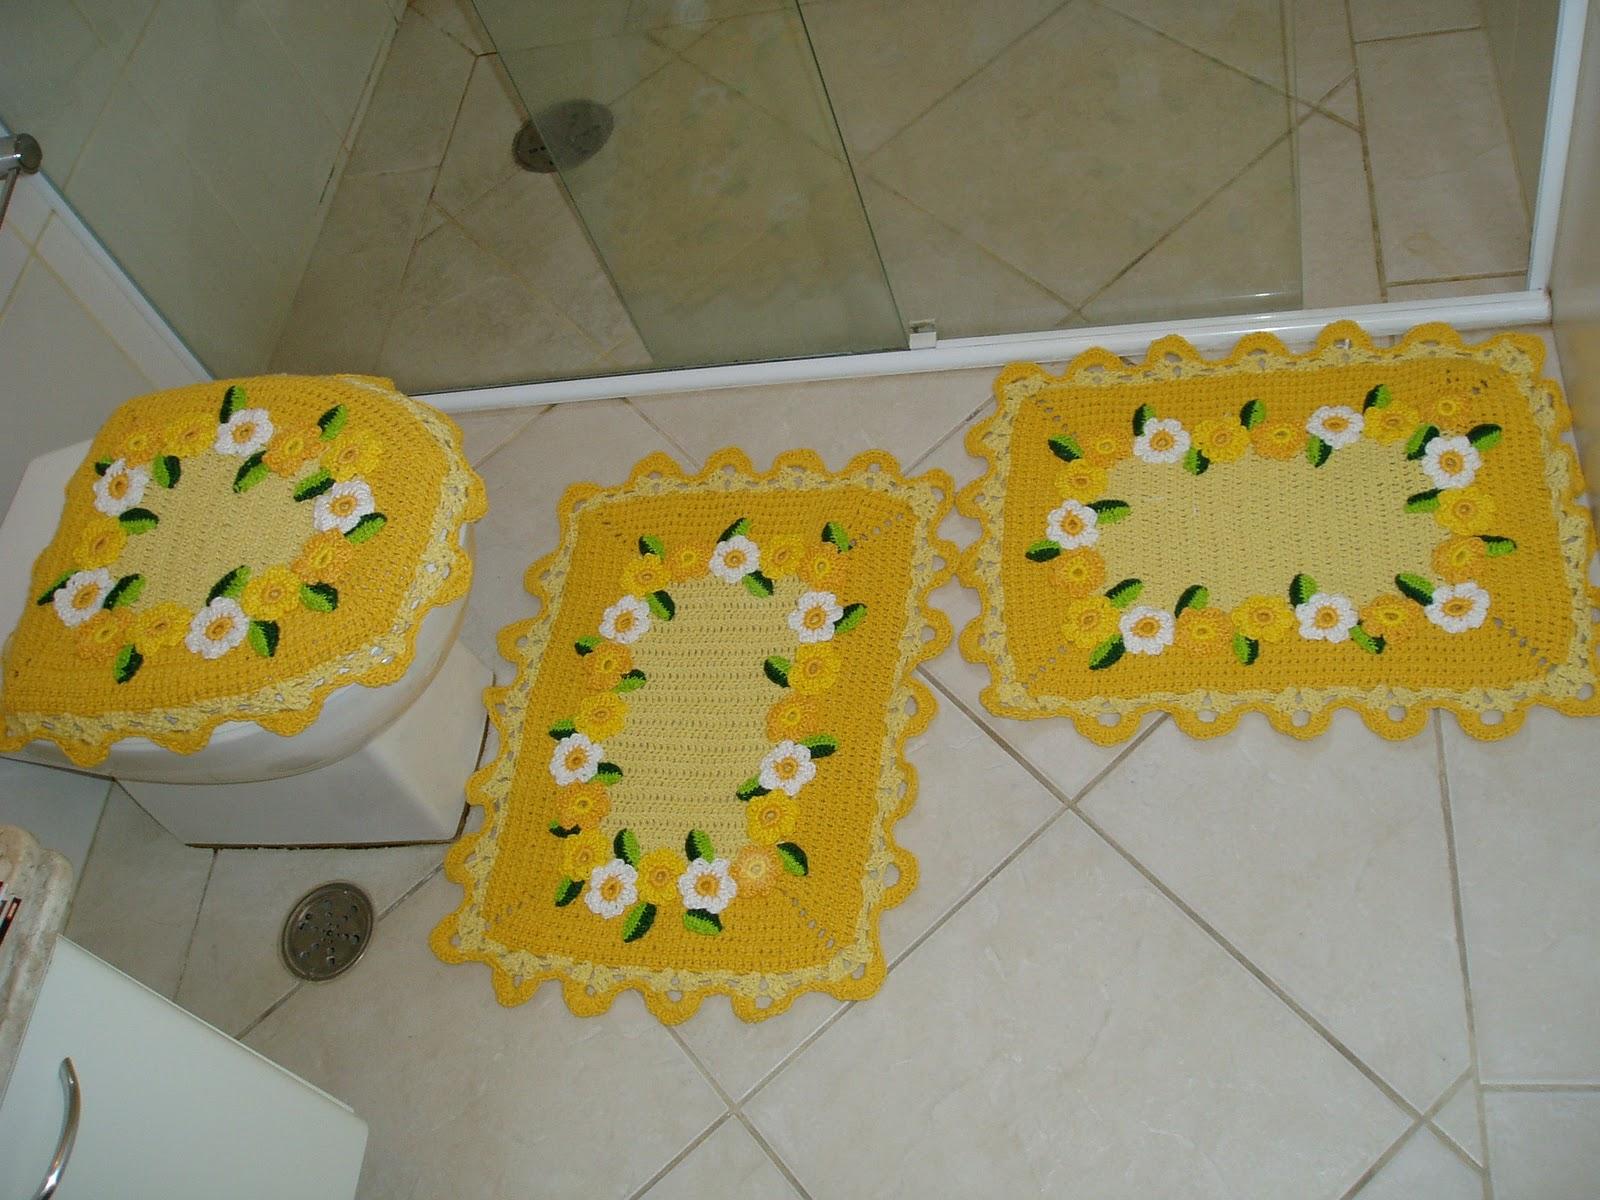 Usei barbante 4/8 para a base e as flores usei 3 fios de camila  #AD8A1E 1600x1200 Banheiro Com Detalhes Em Amarelo